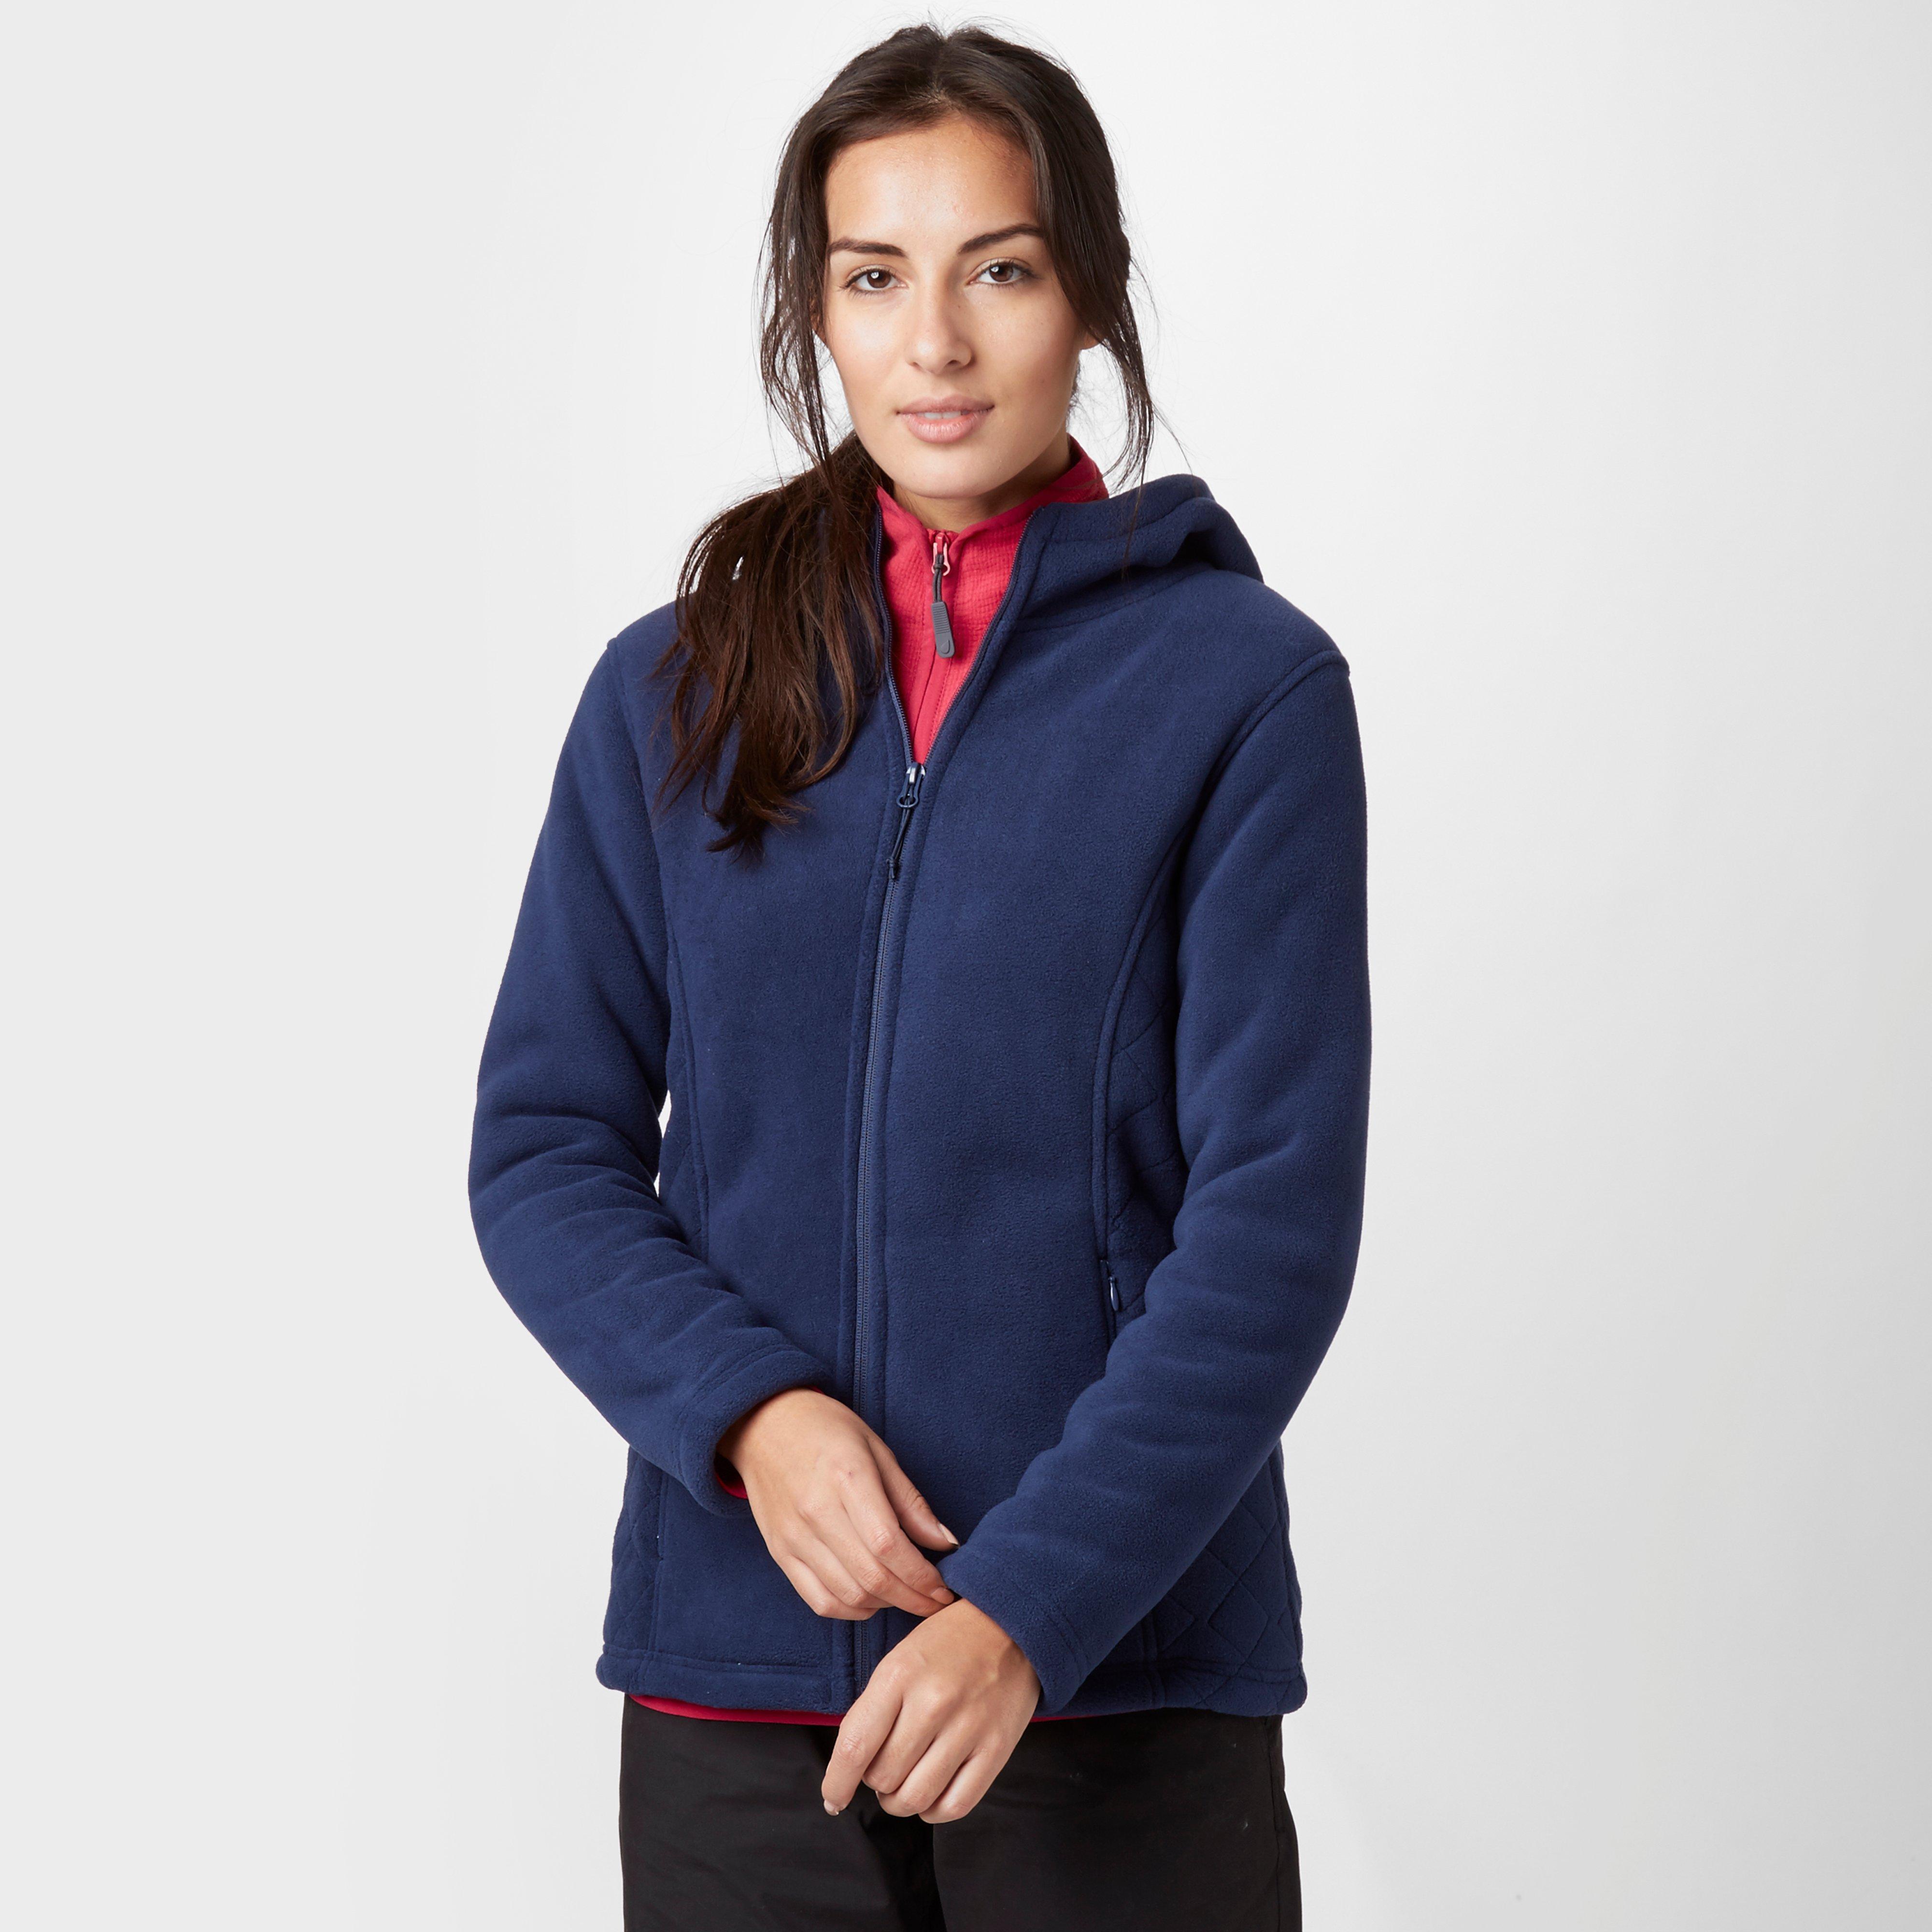 Peter Storm Women's Celia Hooded Fleece - £30 @ Millets